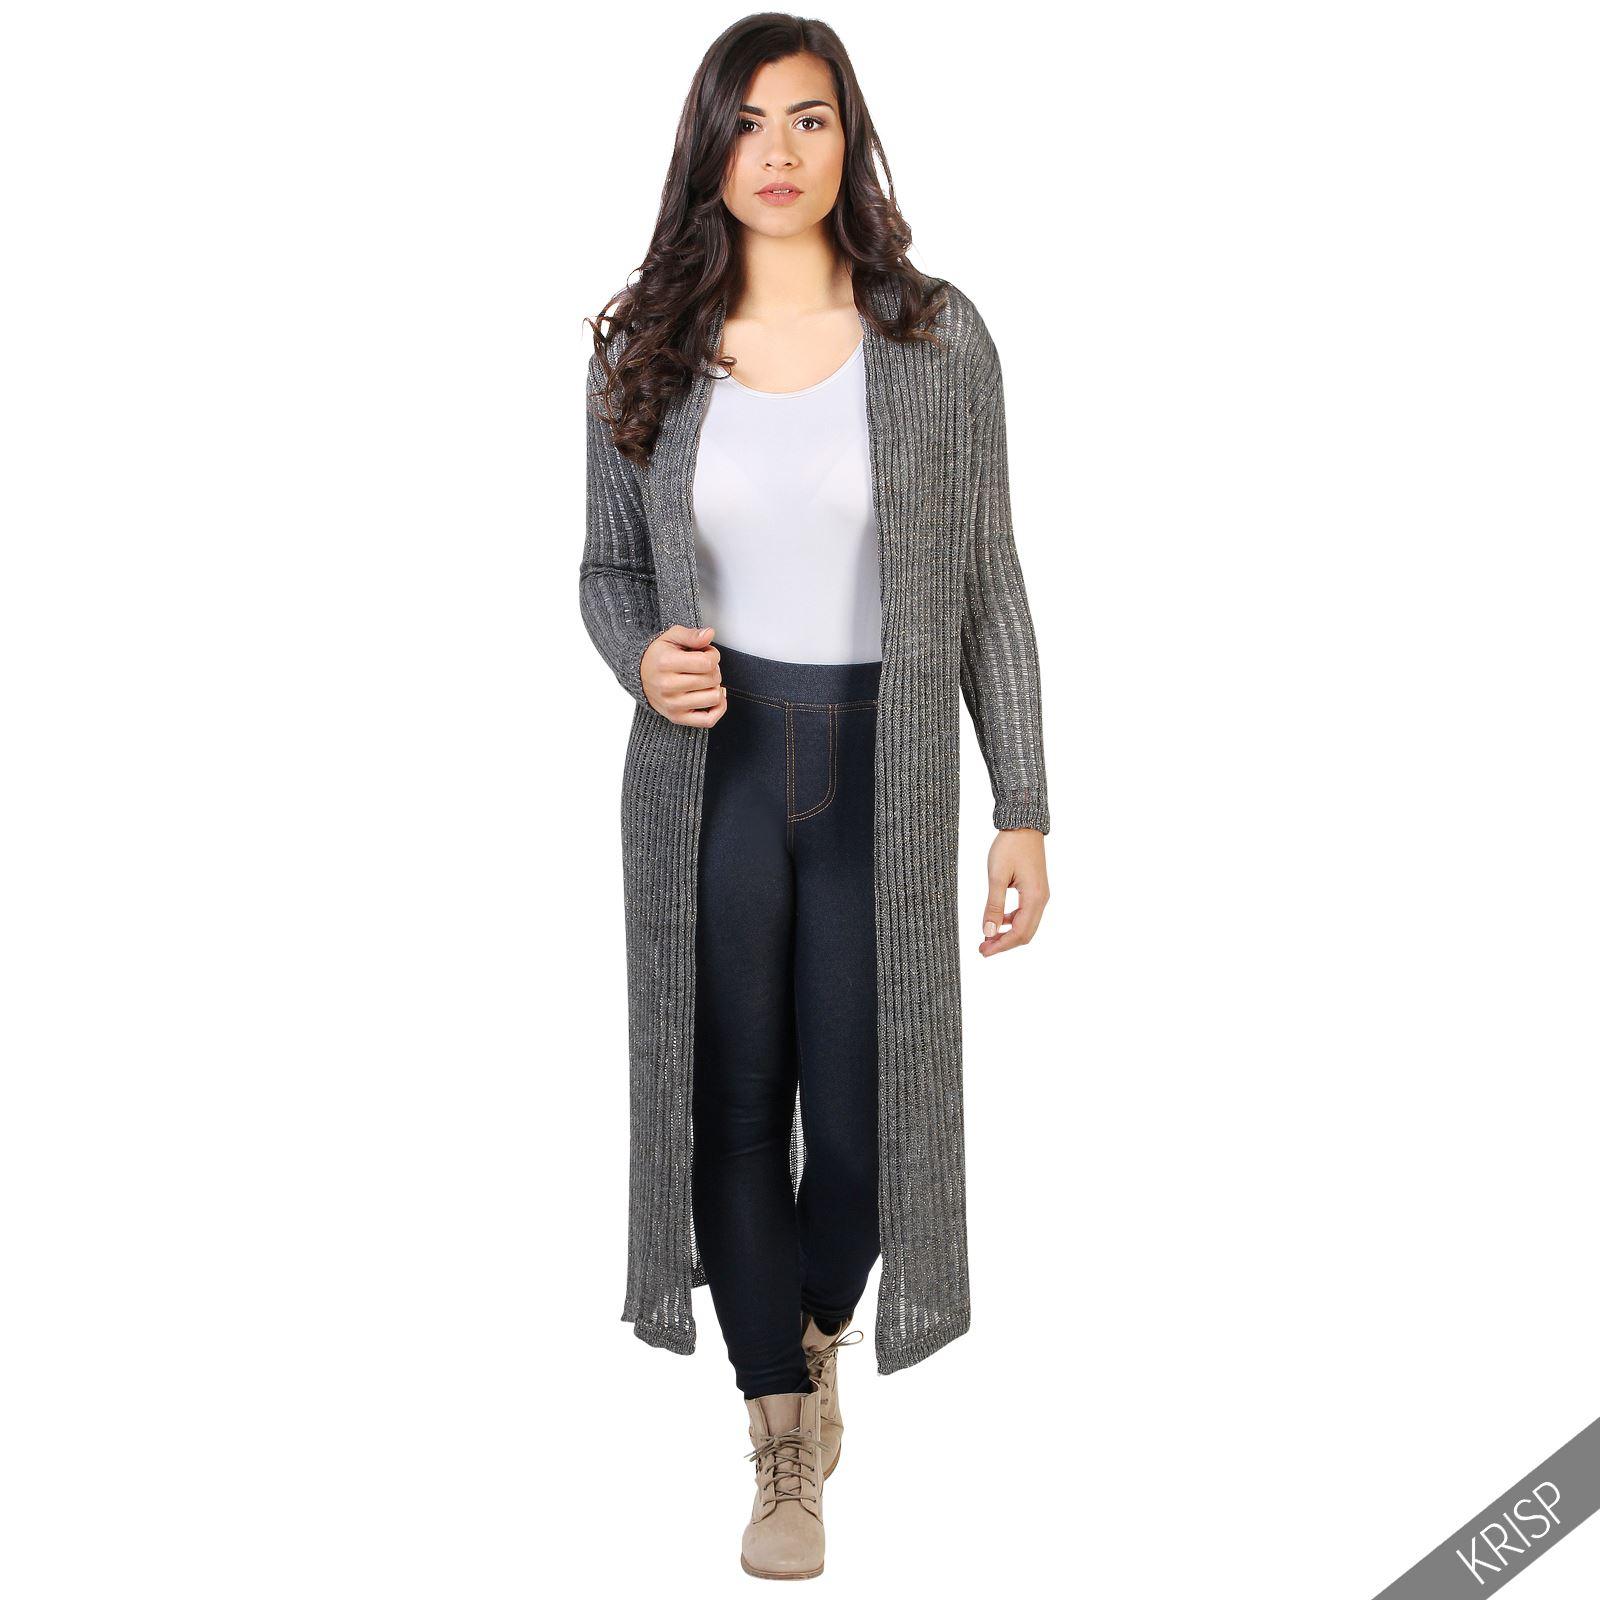 femmes cardigan gilet long tricot moyen paillette veste hiver chaud lurex ebay. Black Bedroom Furniture Sets. Home Design Ideas